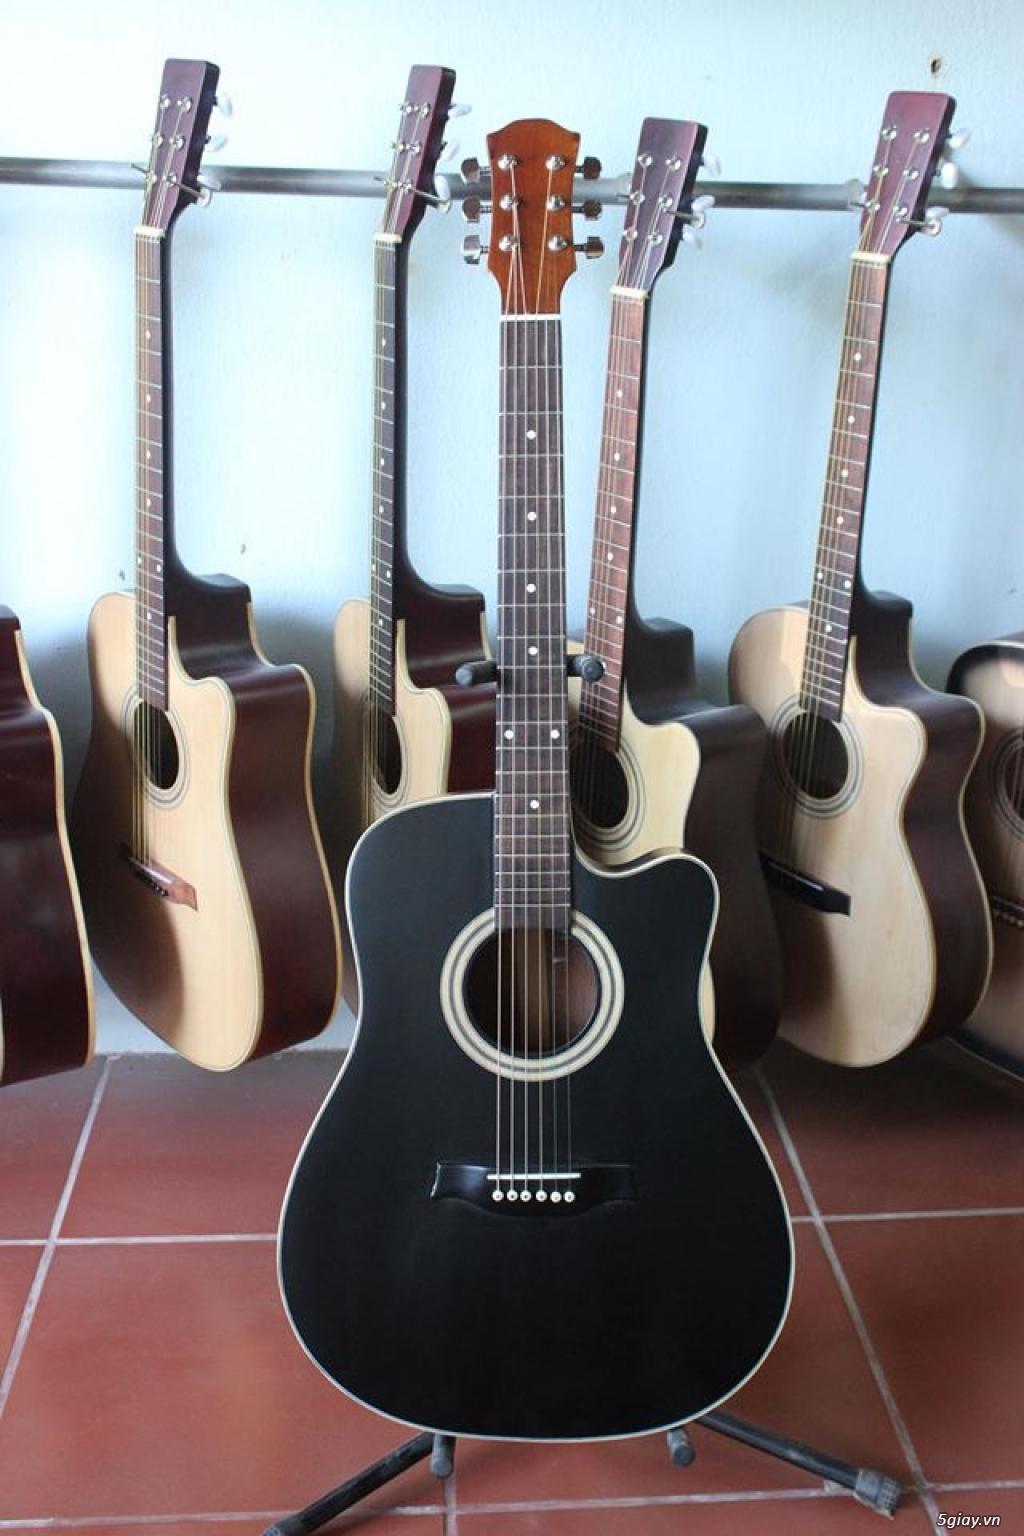 bán Đàn Guitar Giá Rẻ từ 390k tại cửa hàng nhạc cụ mới Bình Dương - 30